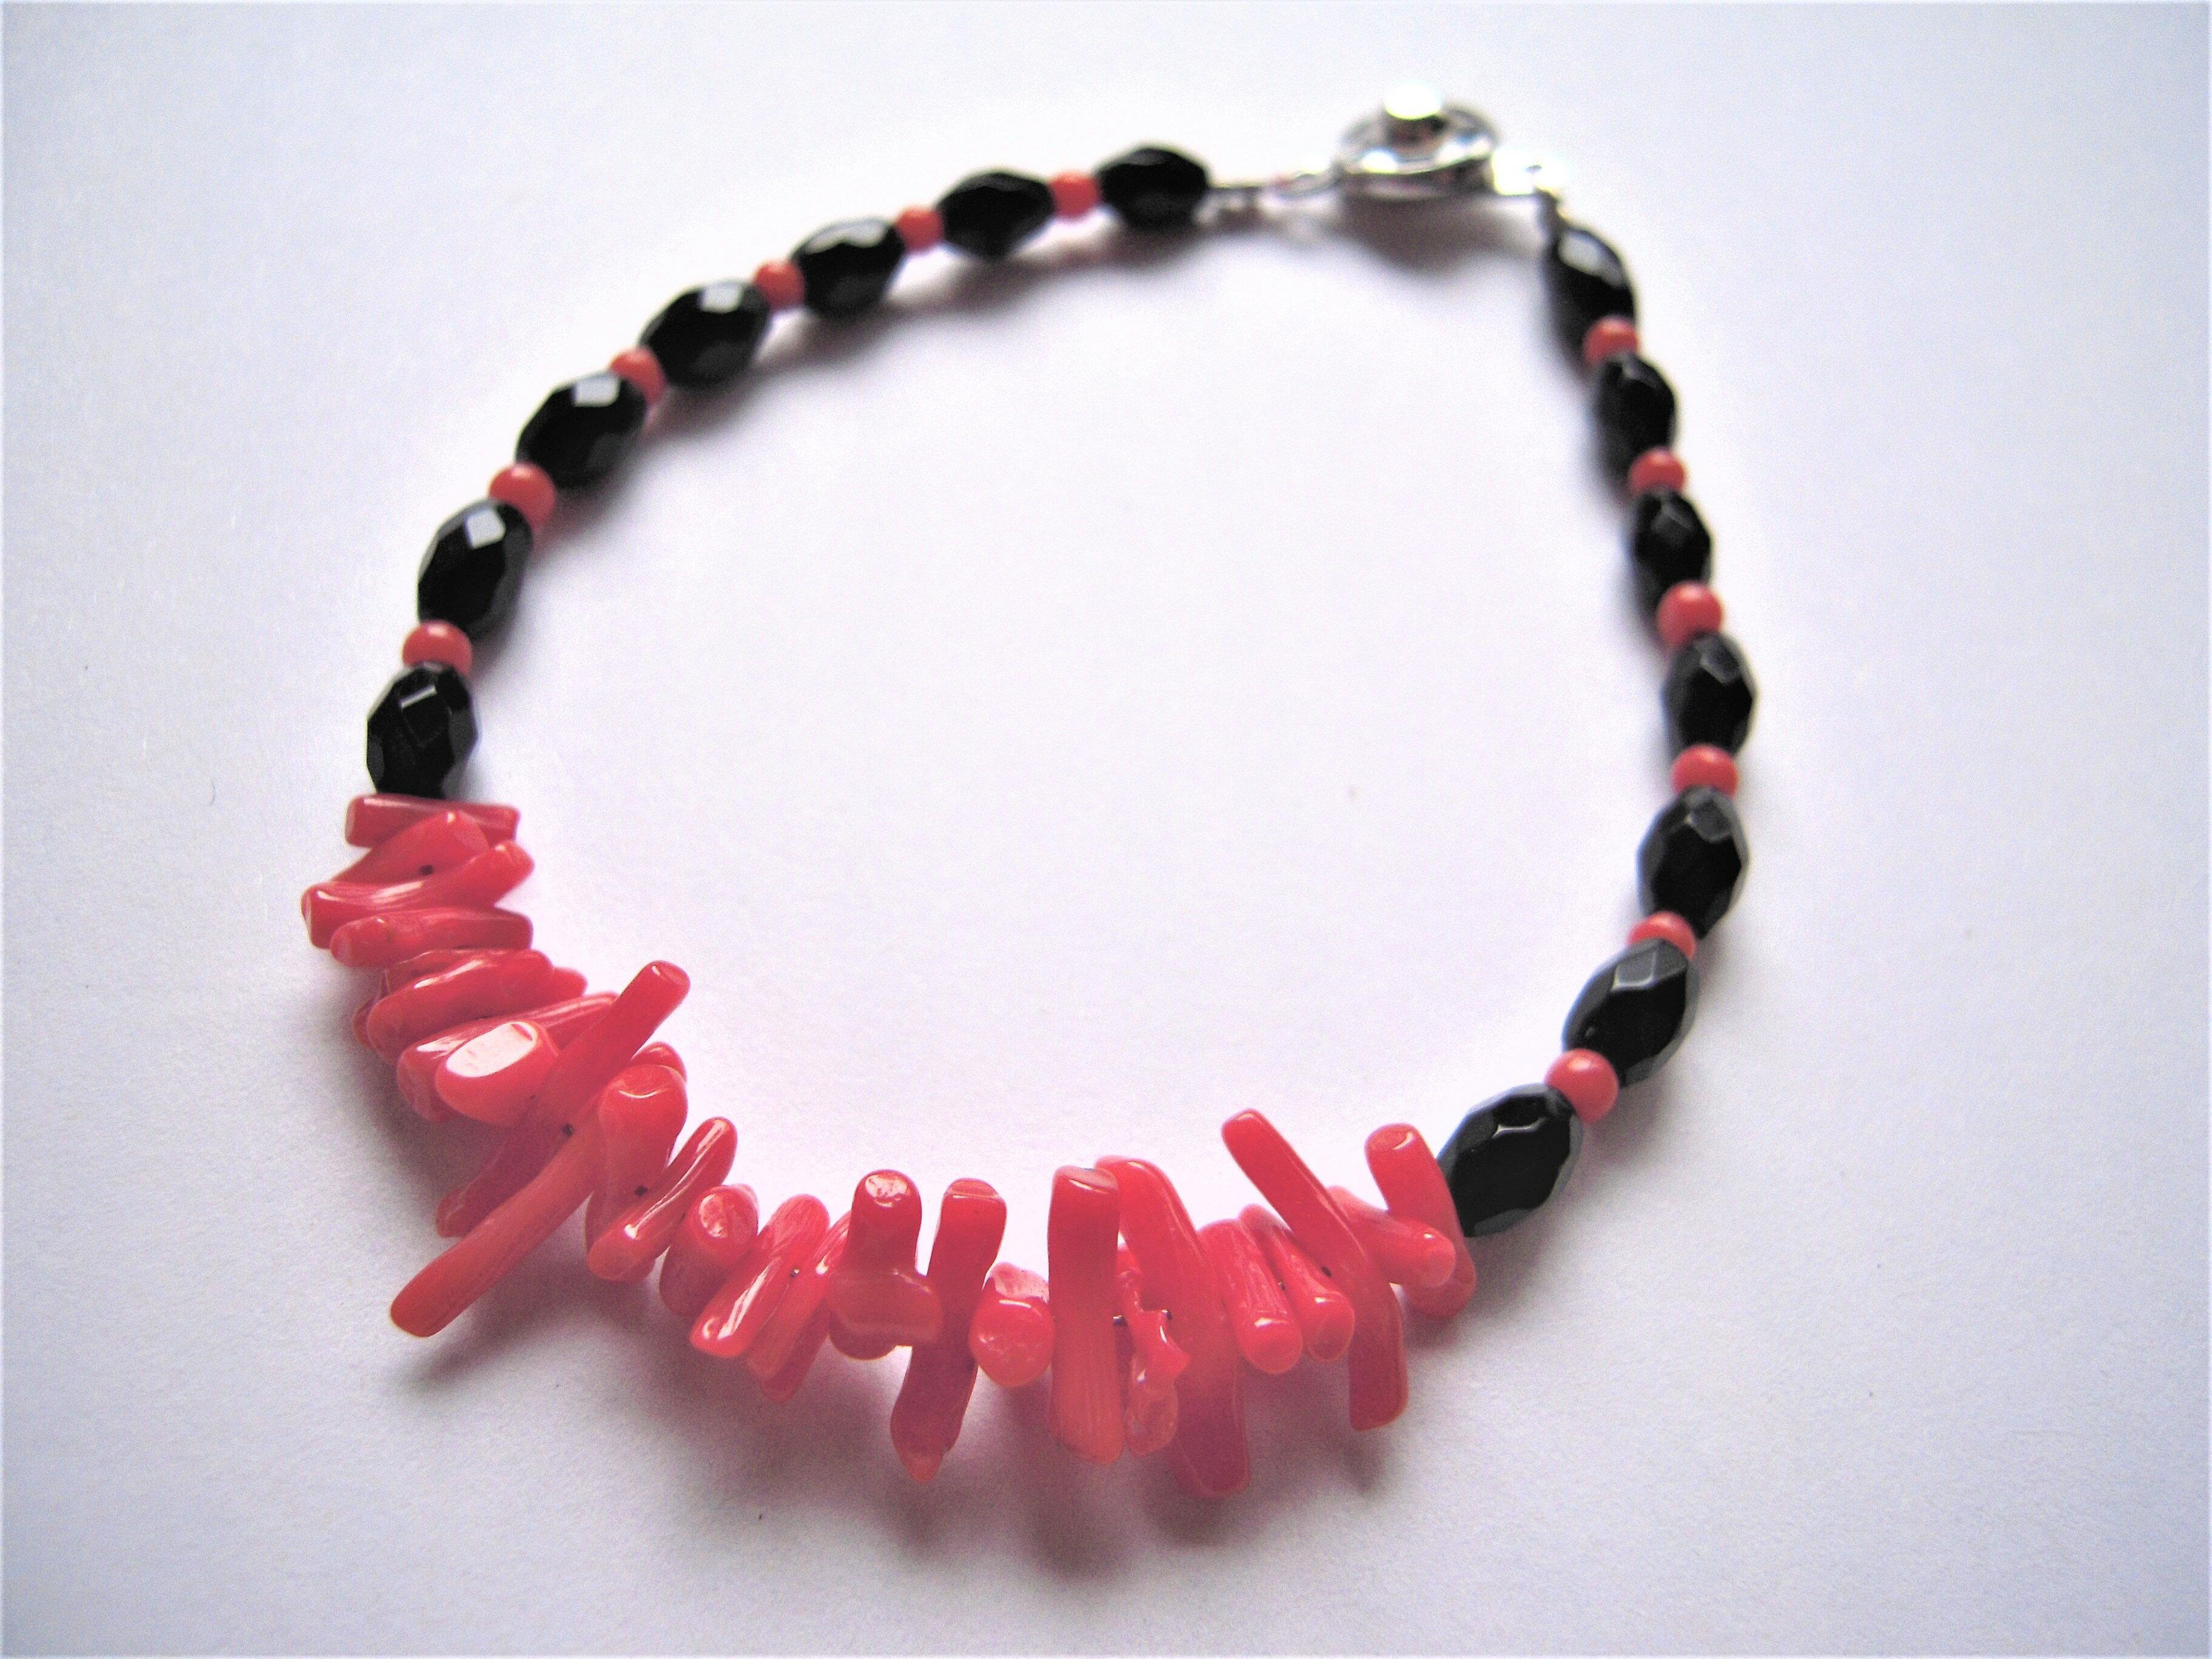 天然紅珊瑚手鍊 深海紅珊瑚枝 搭配黑瑪瑙 古典又新潮【名朵珠寶 Vjade Jewelry 】